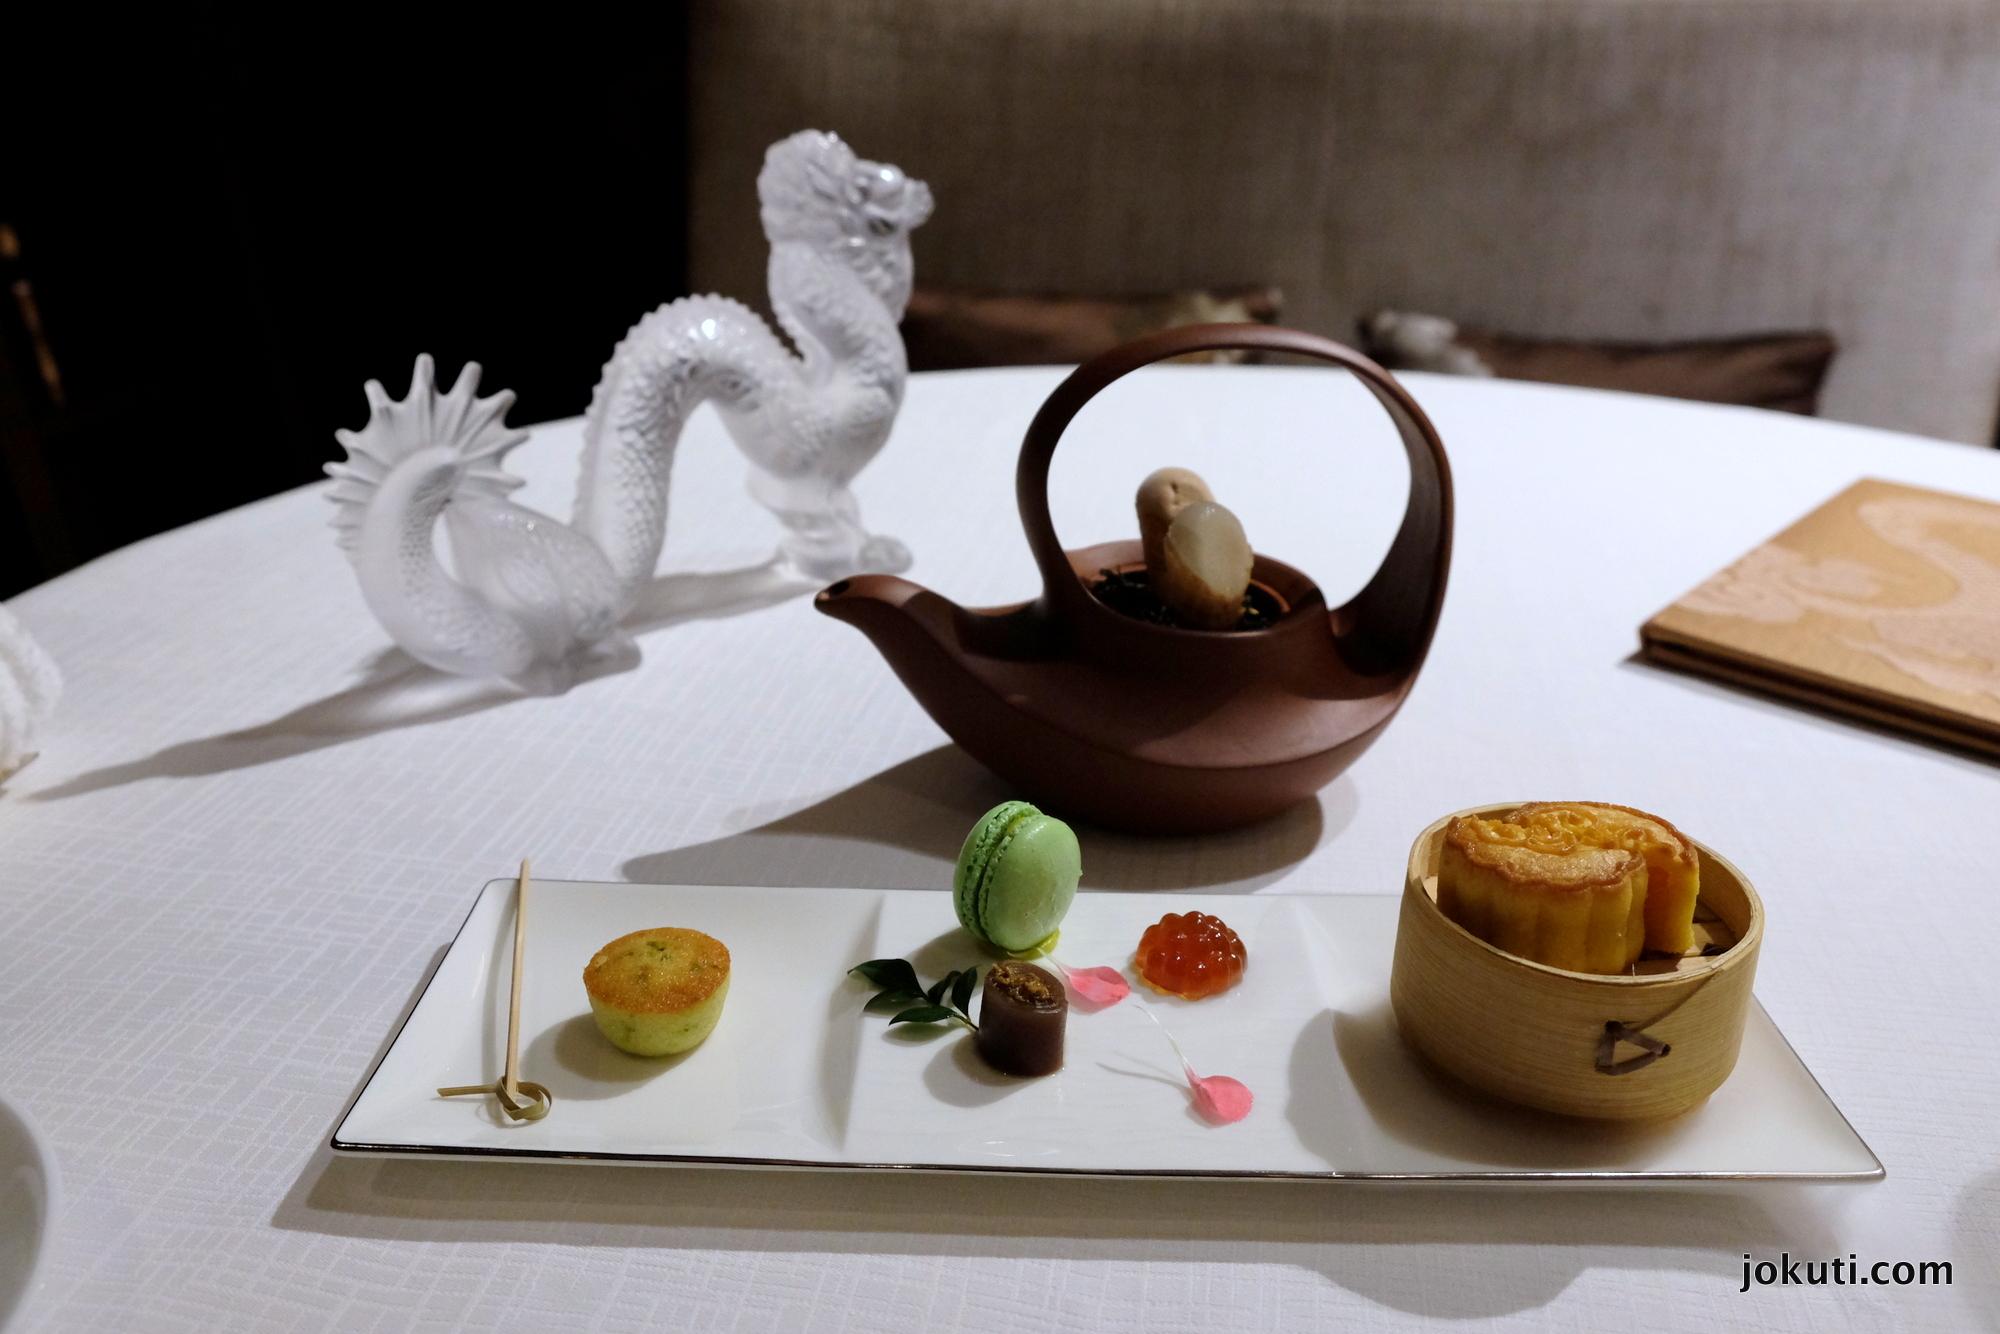 dscf6953_jade_dragon_restaurant_cantonese_chinese_michelin_macau_makao_china_kinai_vilagevo_jokuti.jpg